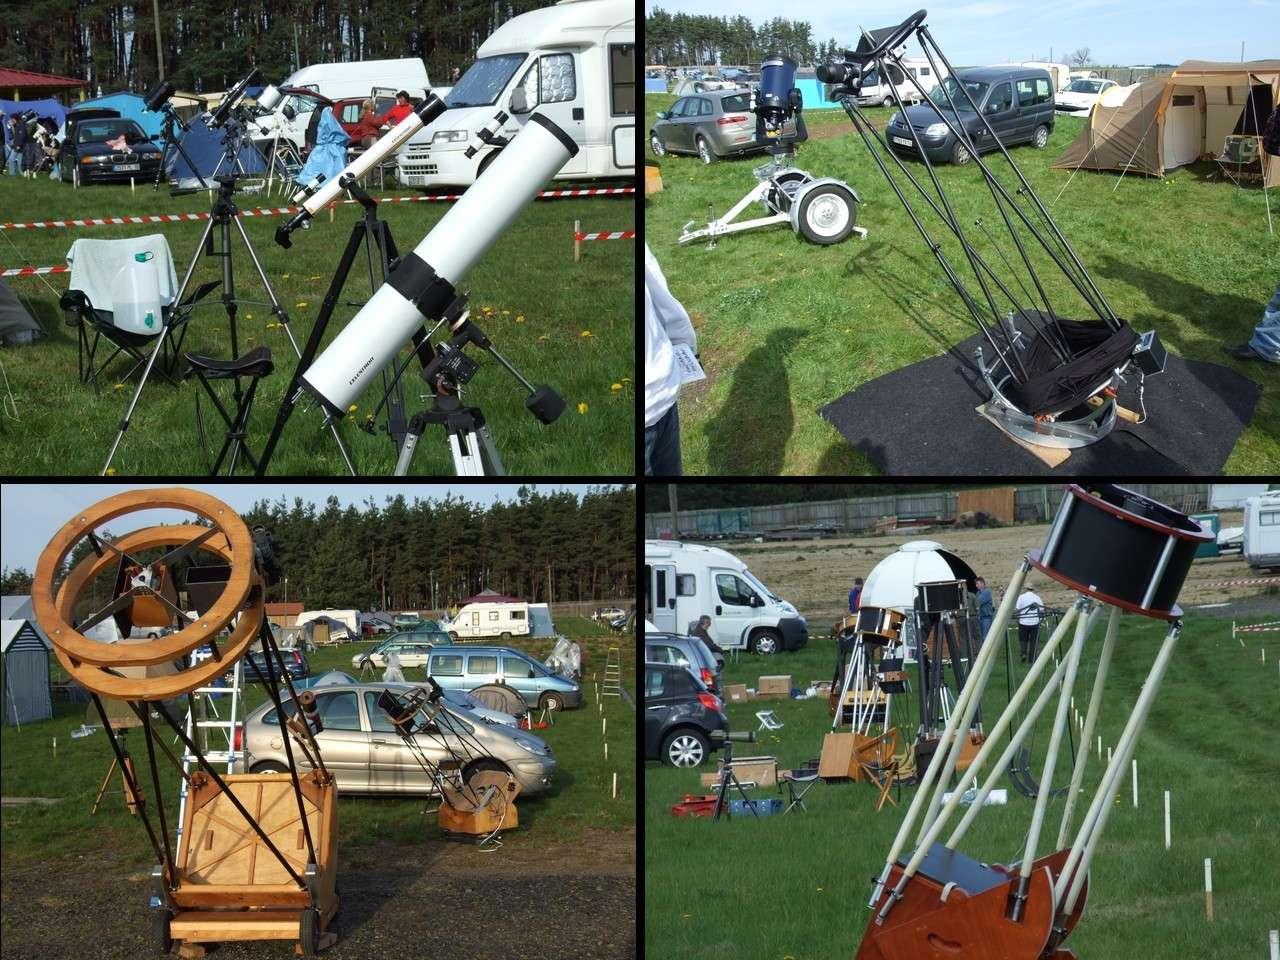 Aux Rencontres Astronomiques de Printemps, on trouve (presque) tous les instruments possibles et imaginables. Crédit J-B Feldmann